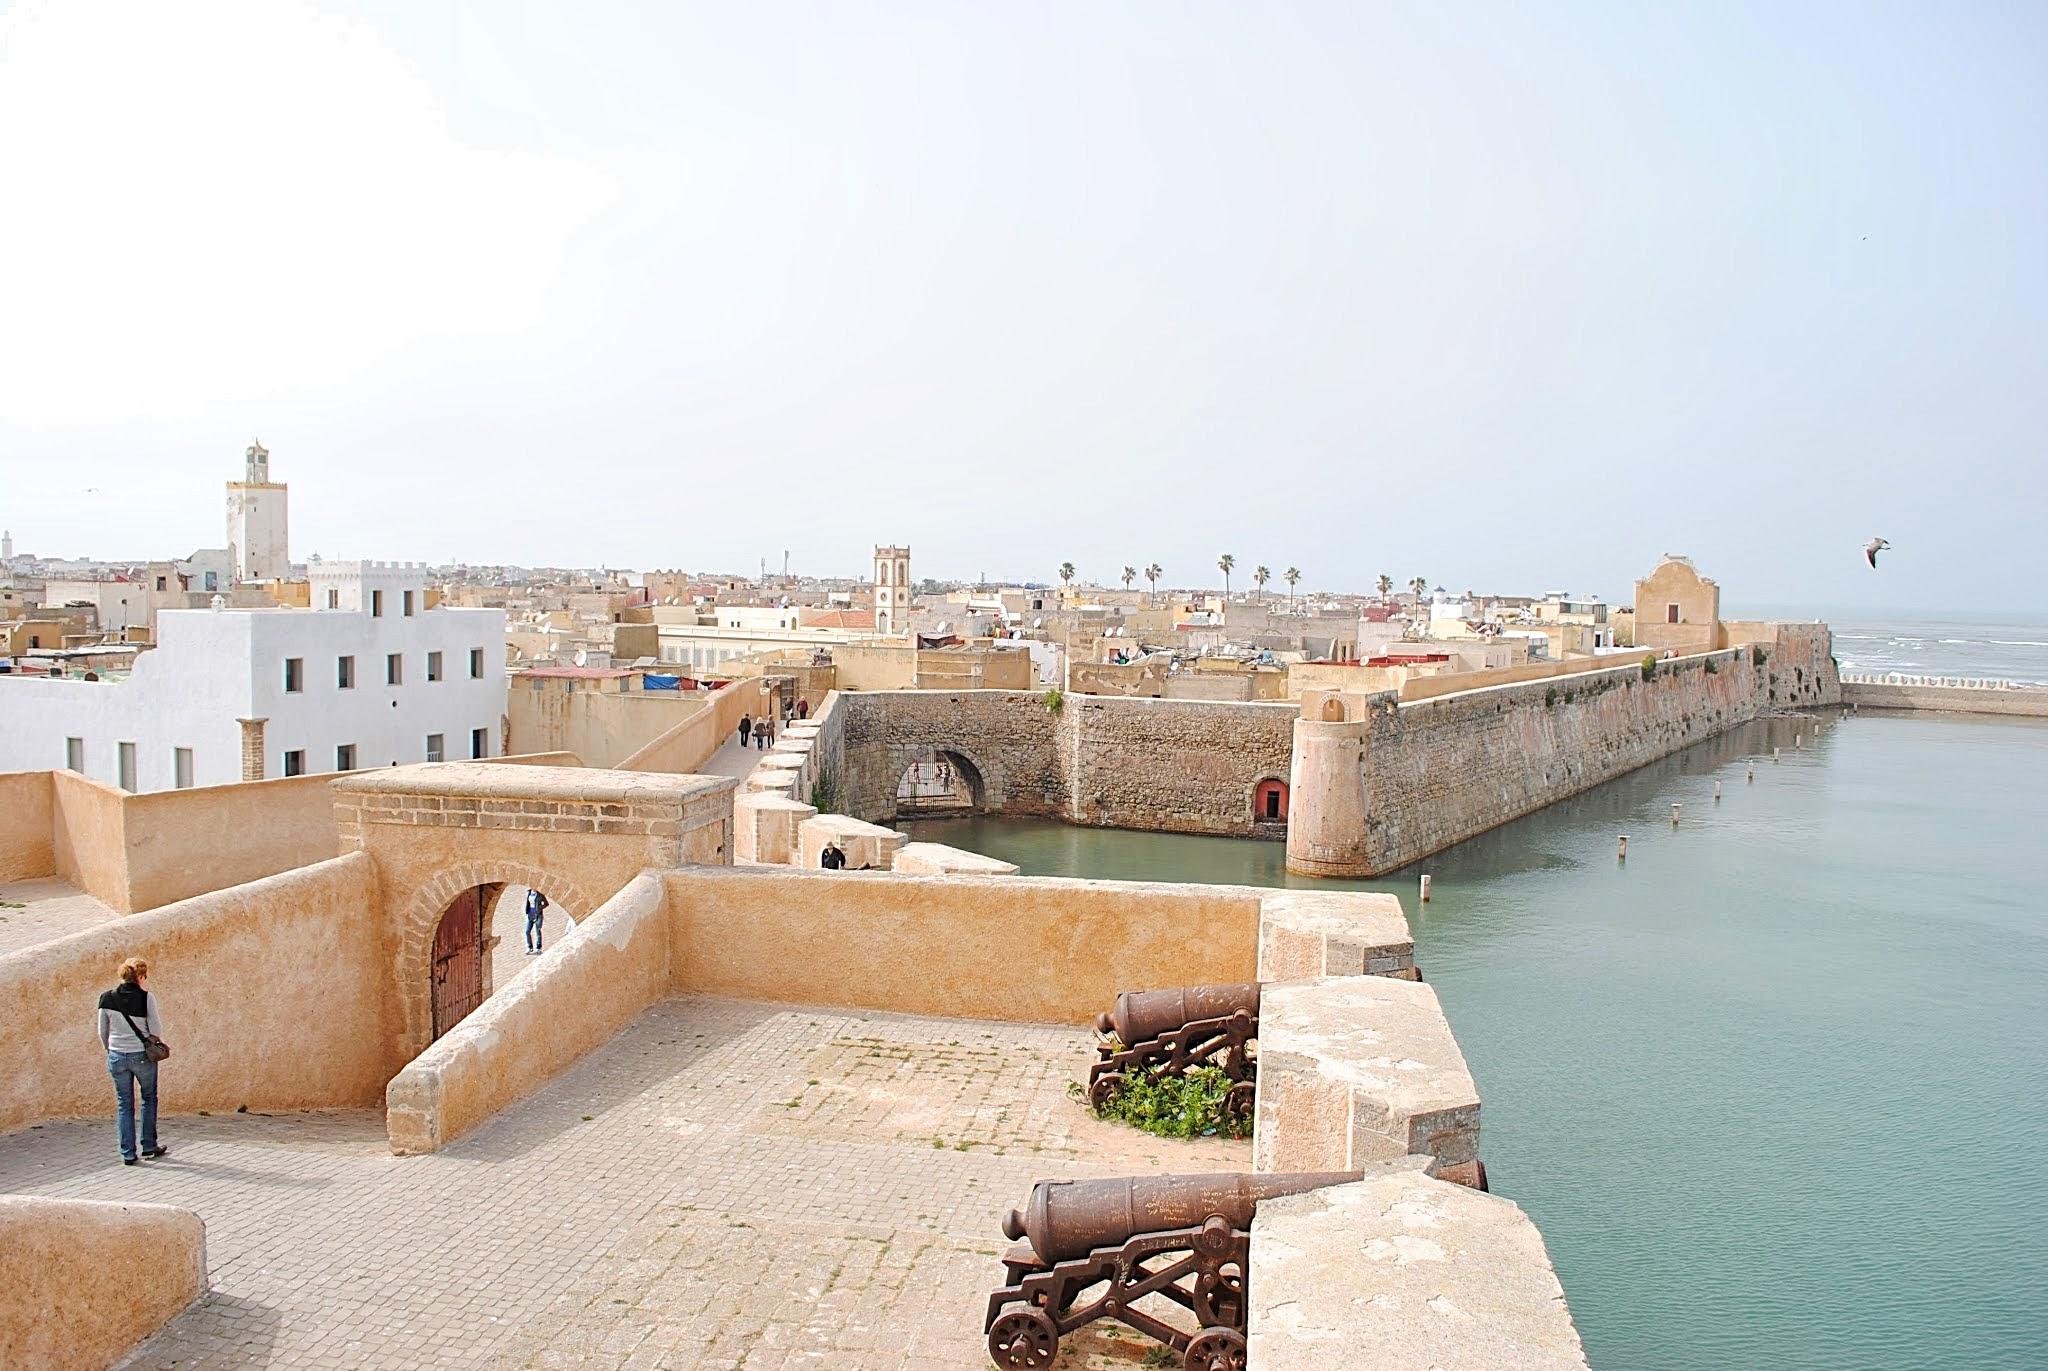 Fortaleza de Mazagão - Marrocos